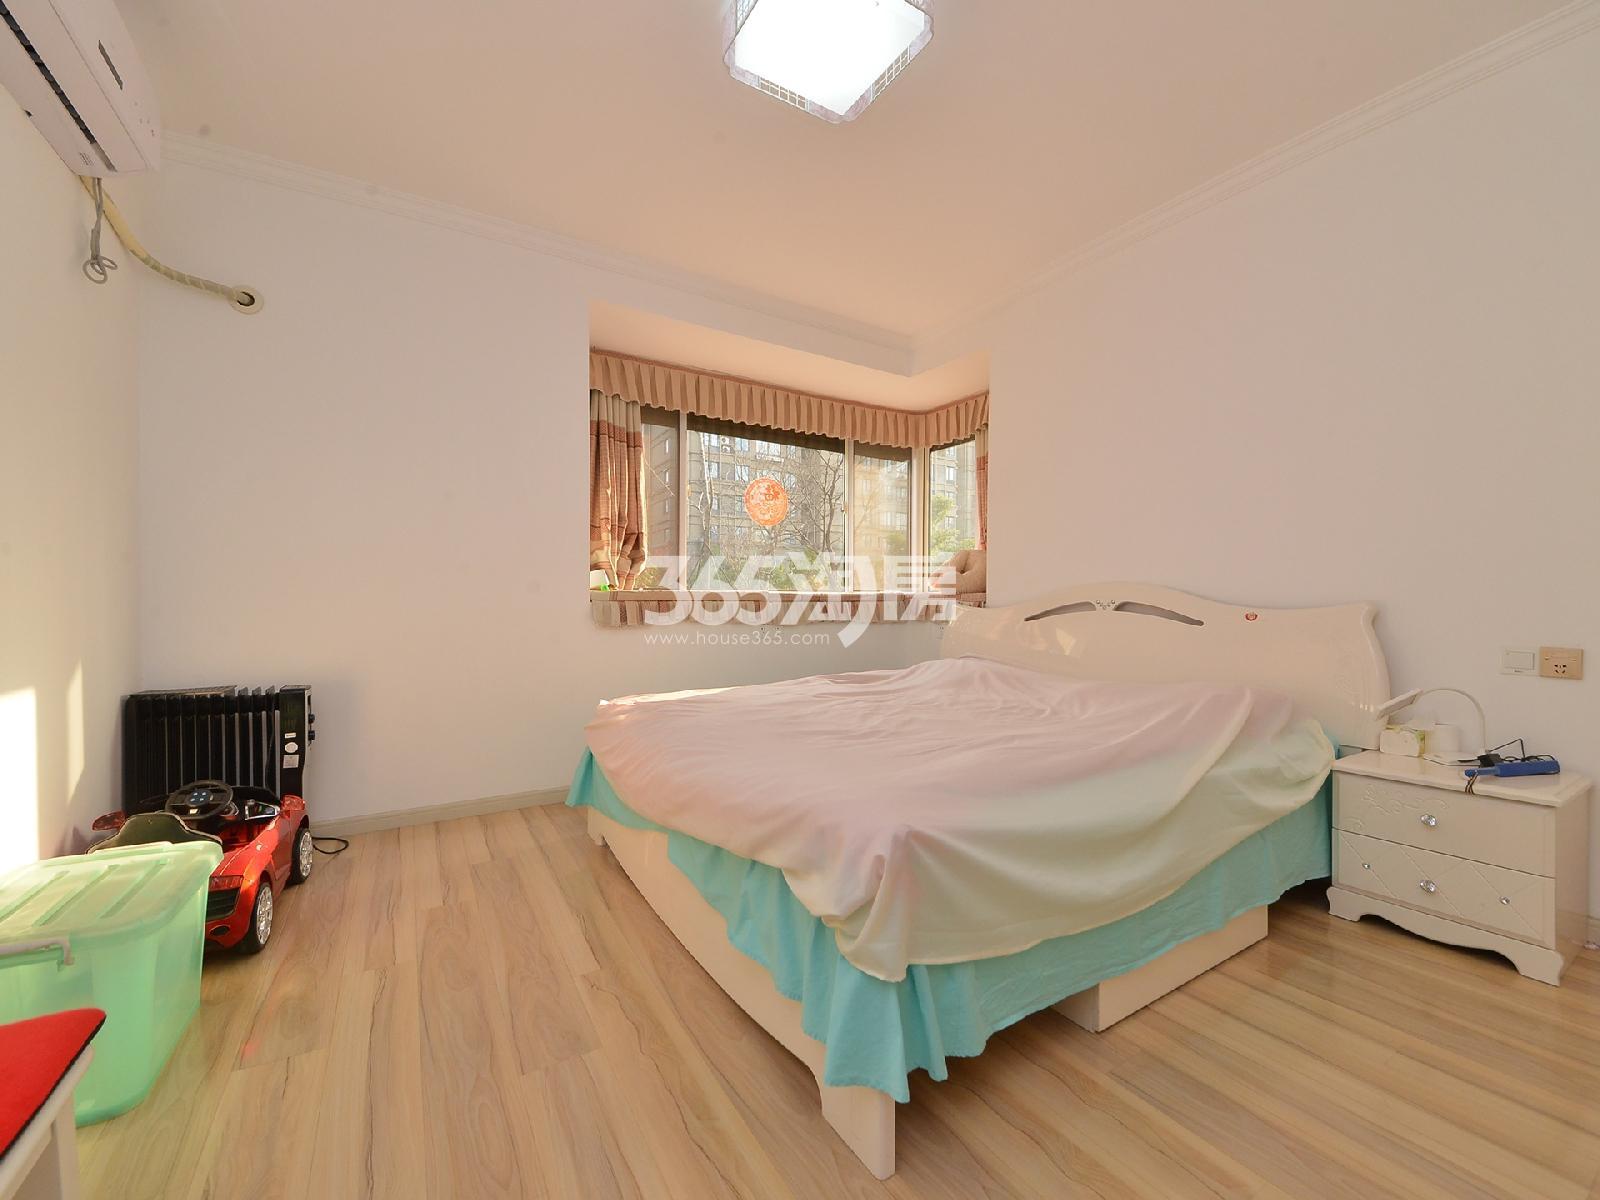 天泽苑5期3室2厅1卫122平米2014年产权房豪华装